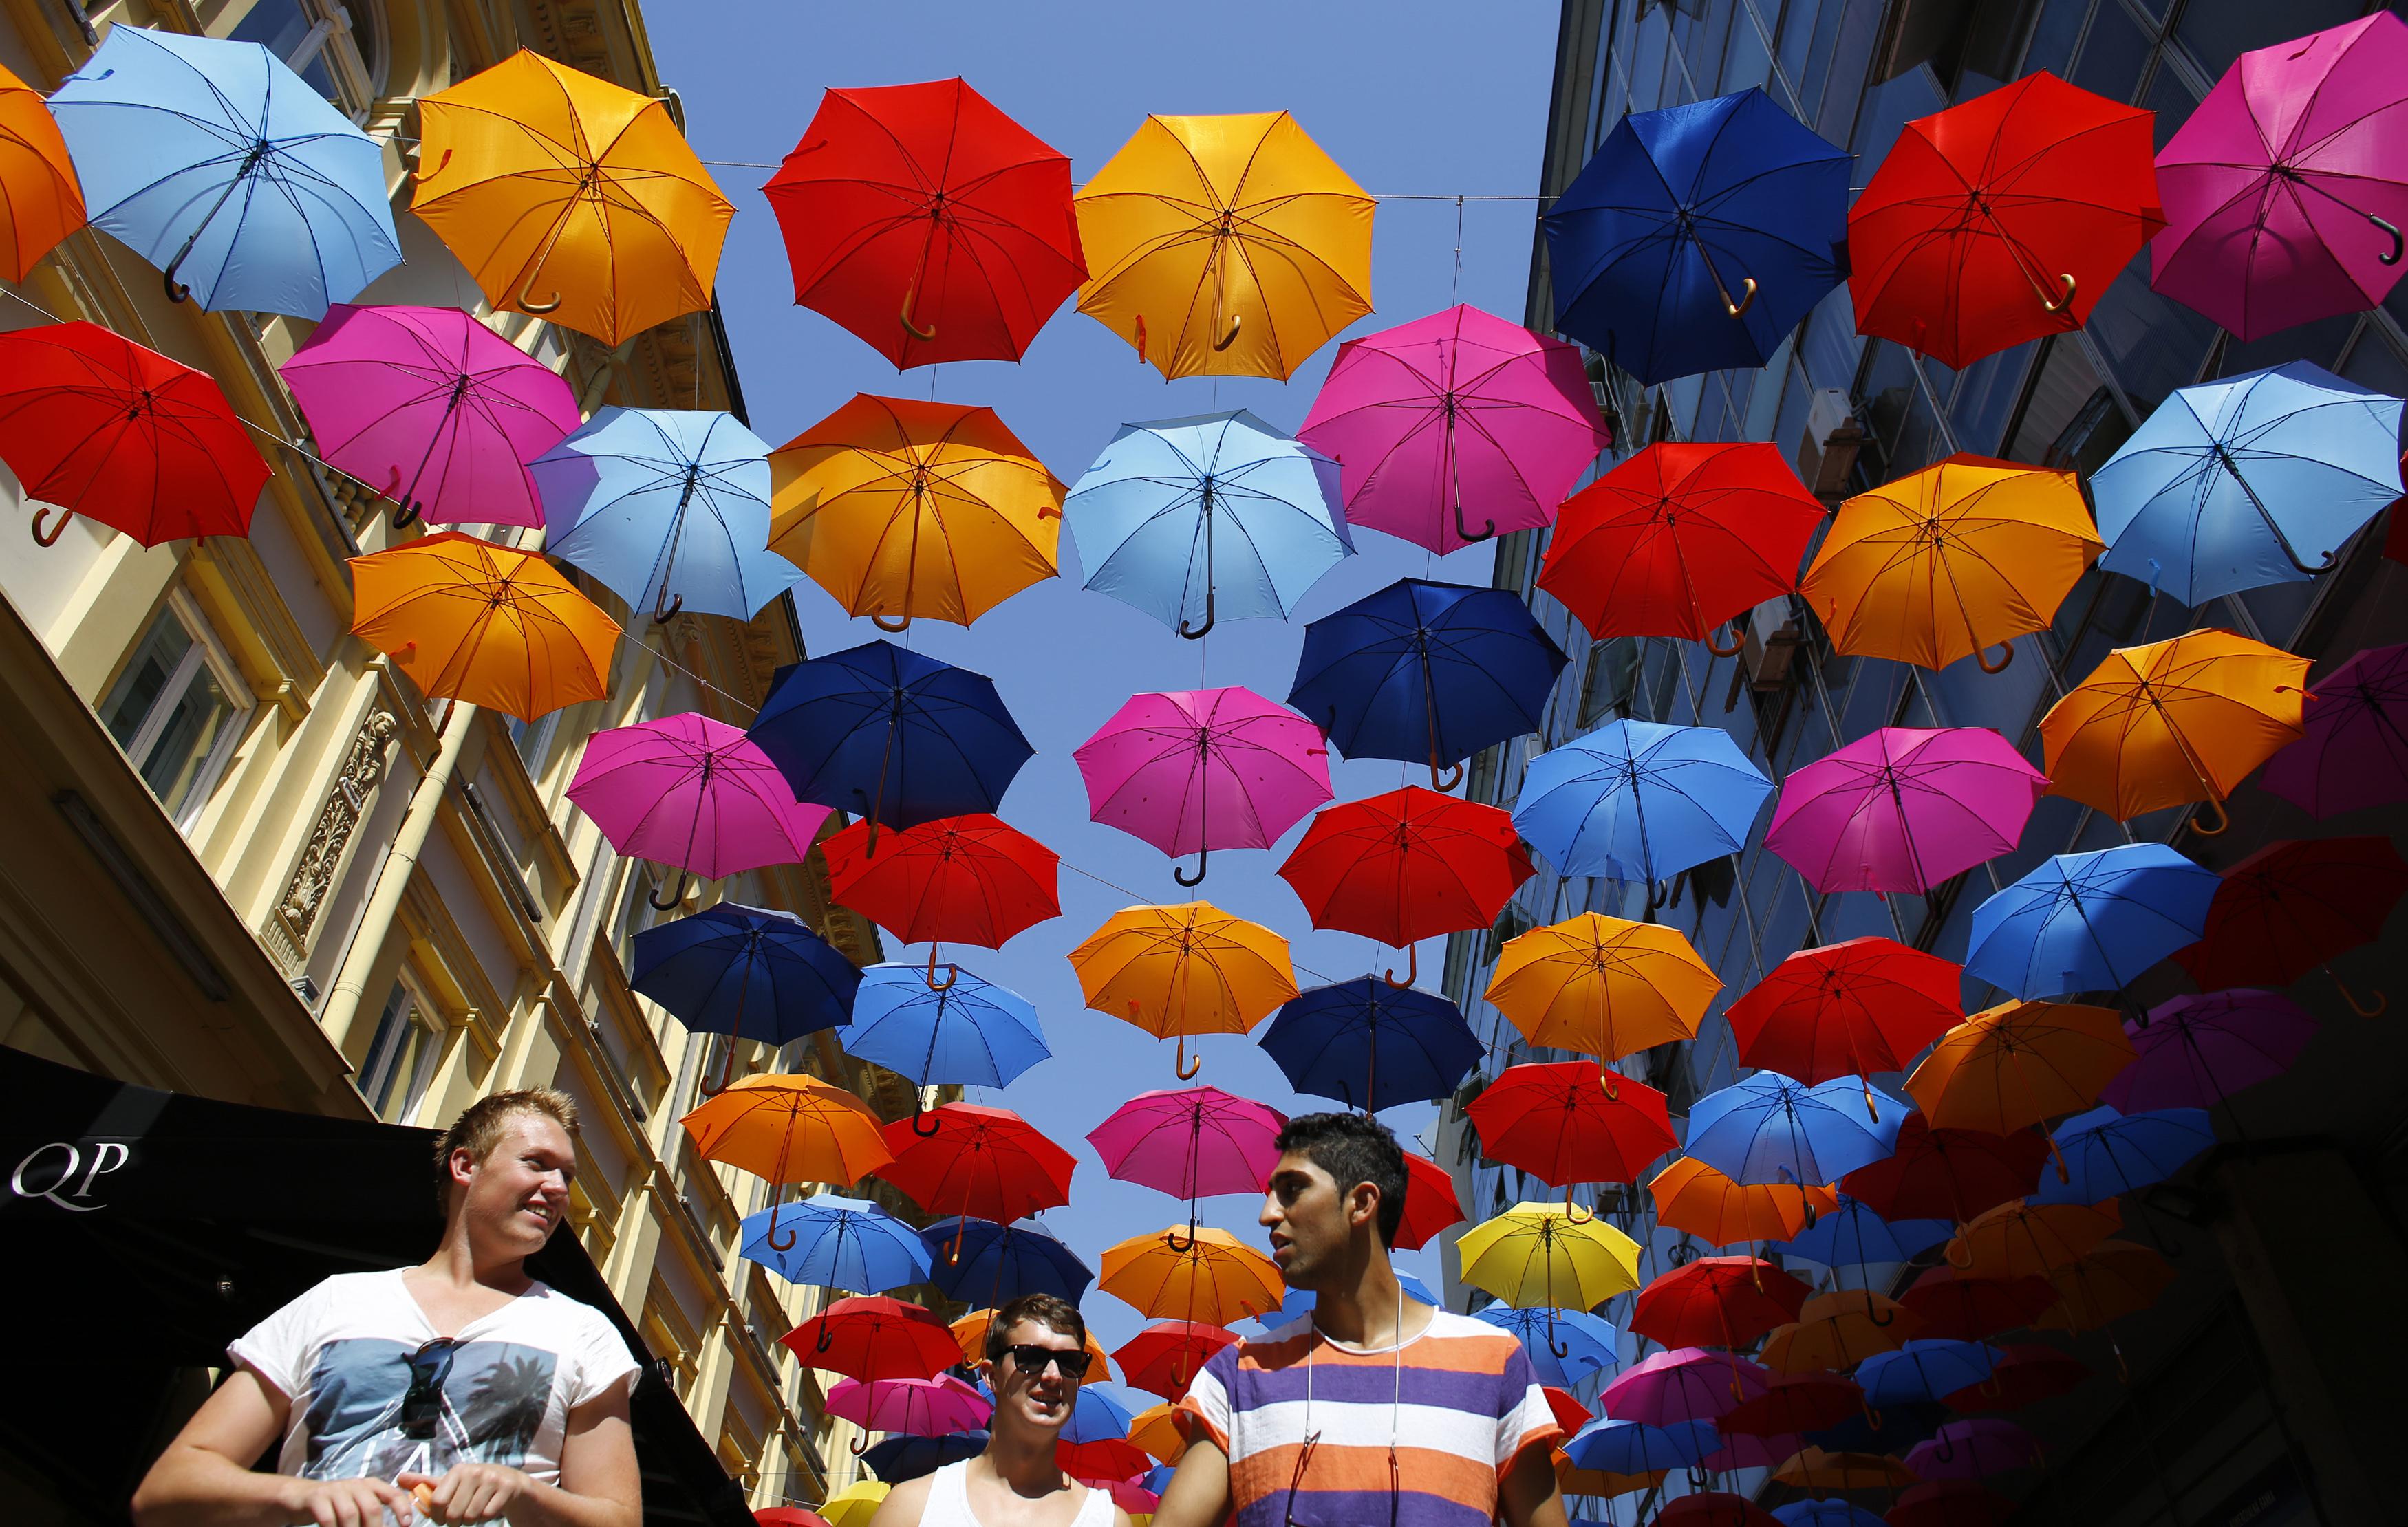 SÉRVIA, 29.7.2013. Rua da baixa de Belgrado decorada com chapéus-de-chuva